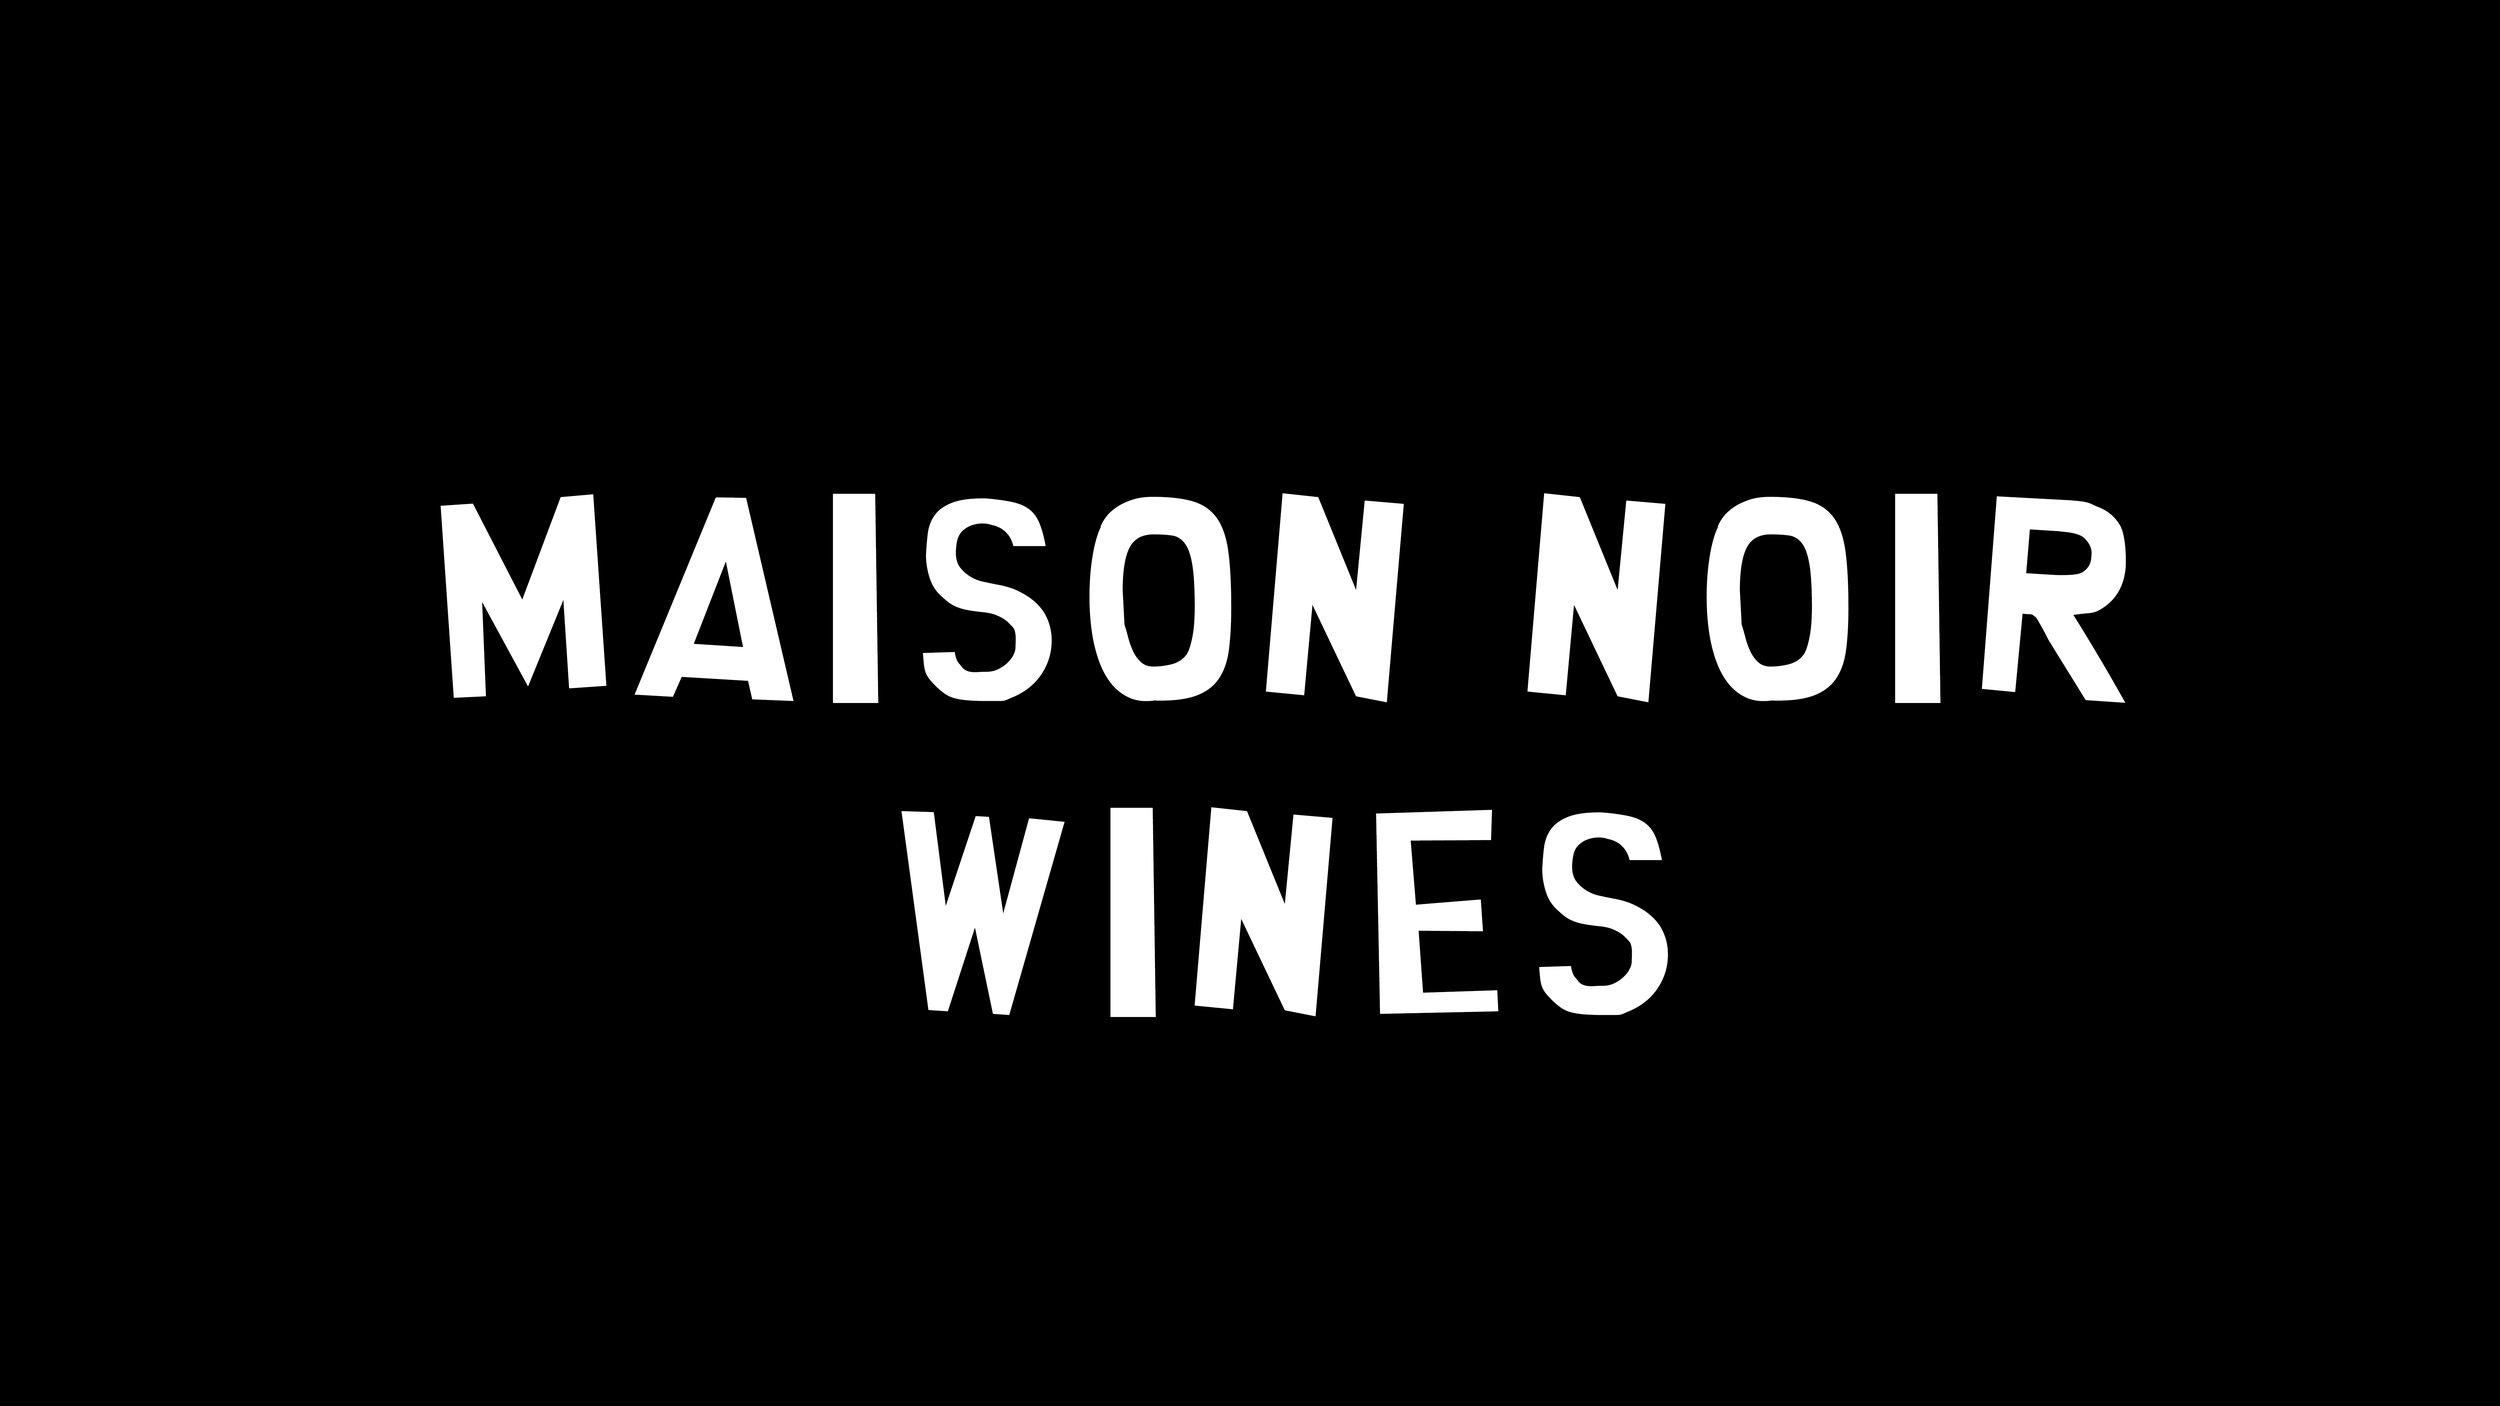 maison noir wines